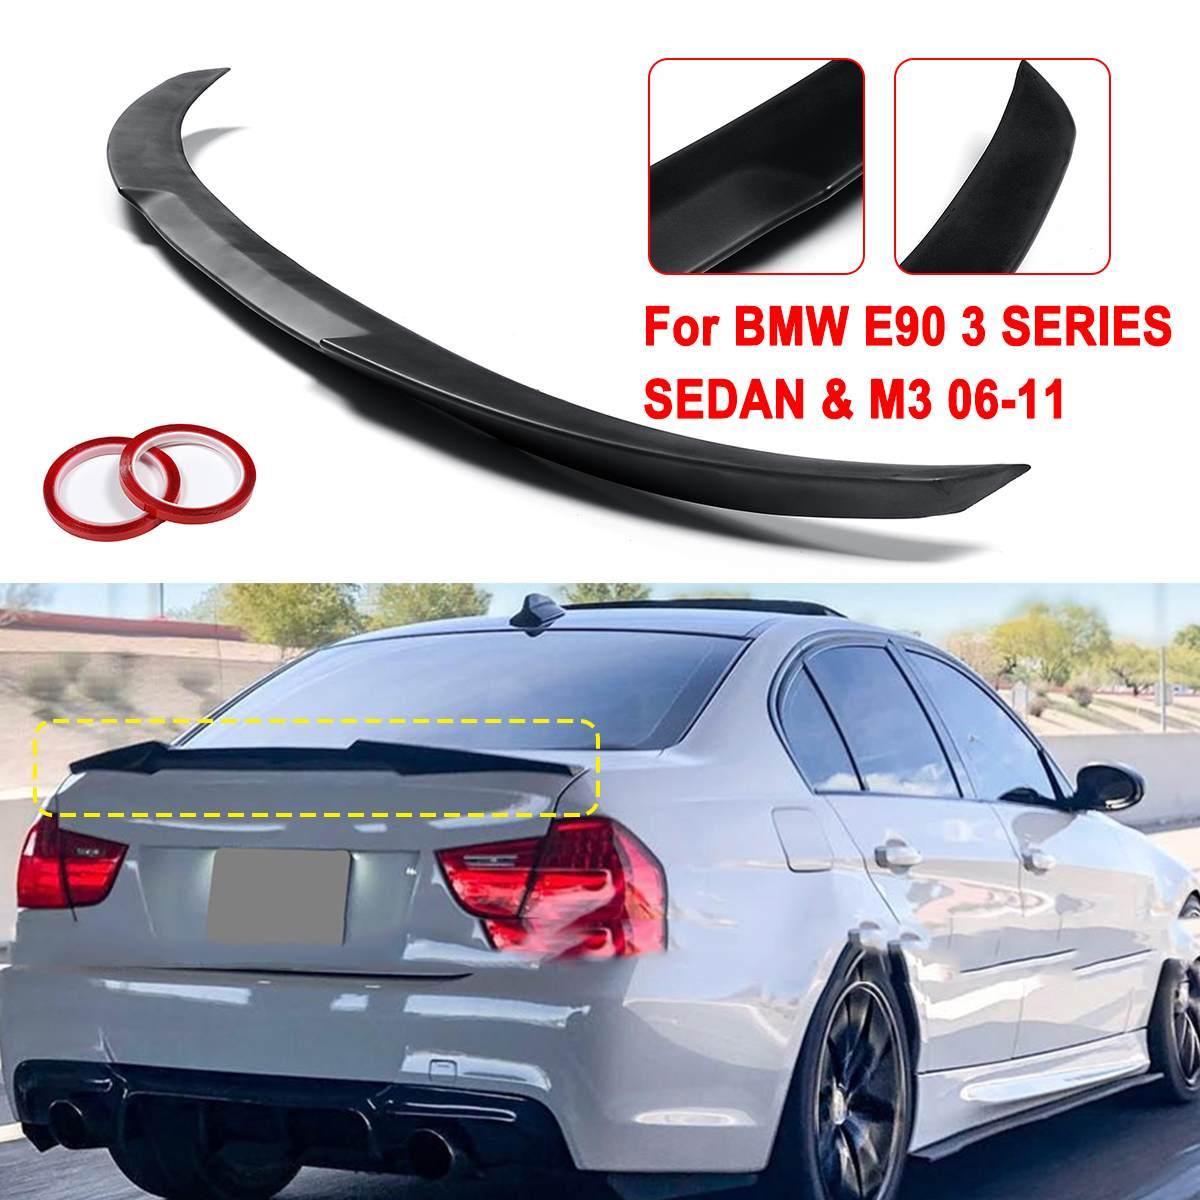 Opaco/Lucido Nero/Stile fibra di carbonio tronco ABS spoiler Ala M4-STYLE PER 2006-2011 Per BMW E90 SERIE 3 BERLINA e M3 2008-2012